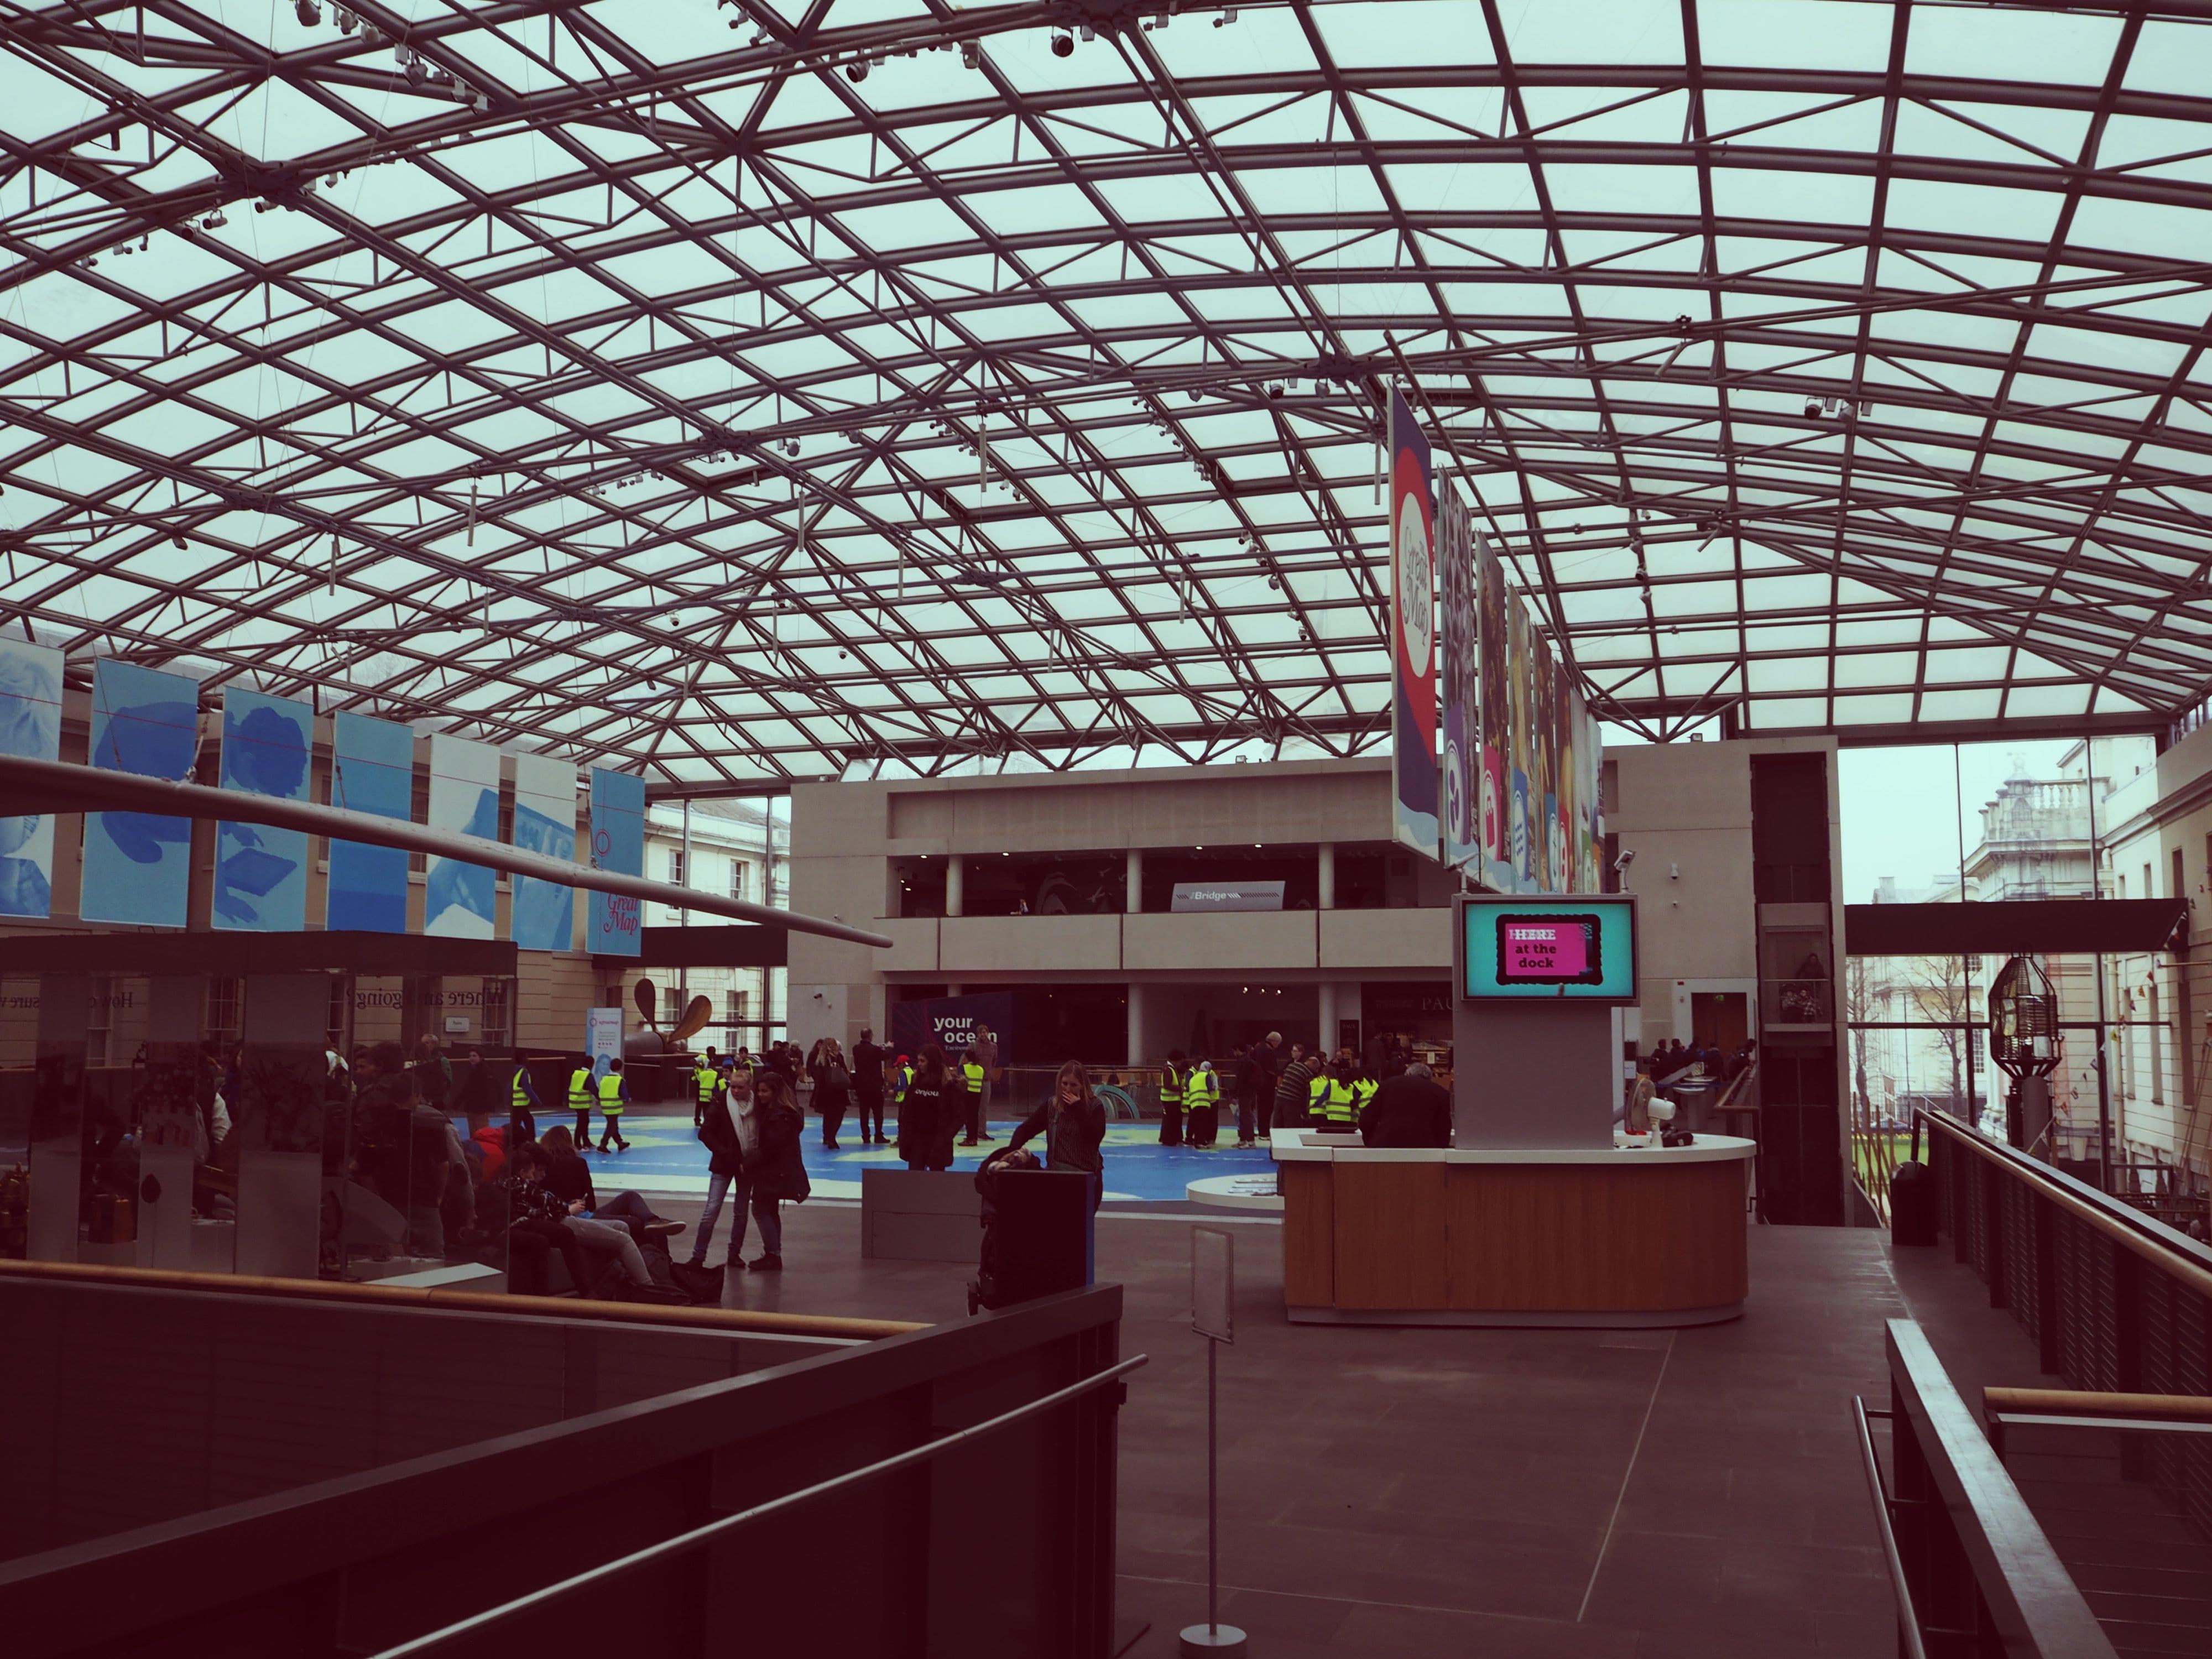 Die beeindruckende Dachkonstruktion des Museums